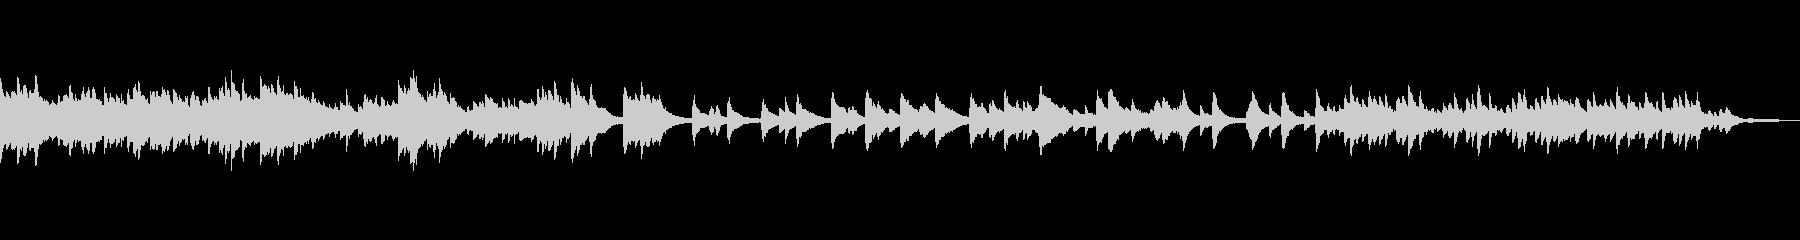 ホラー要素を思わせる怖く切ないピアノ曲の未再生の波形